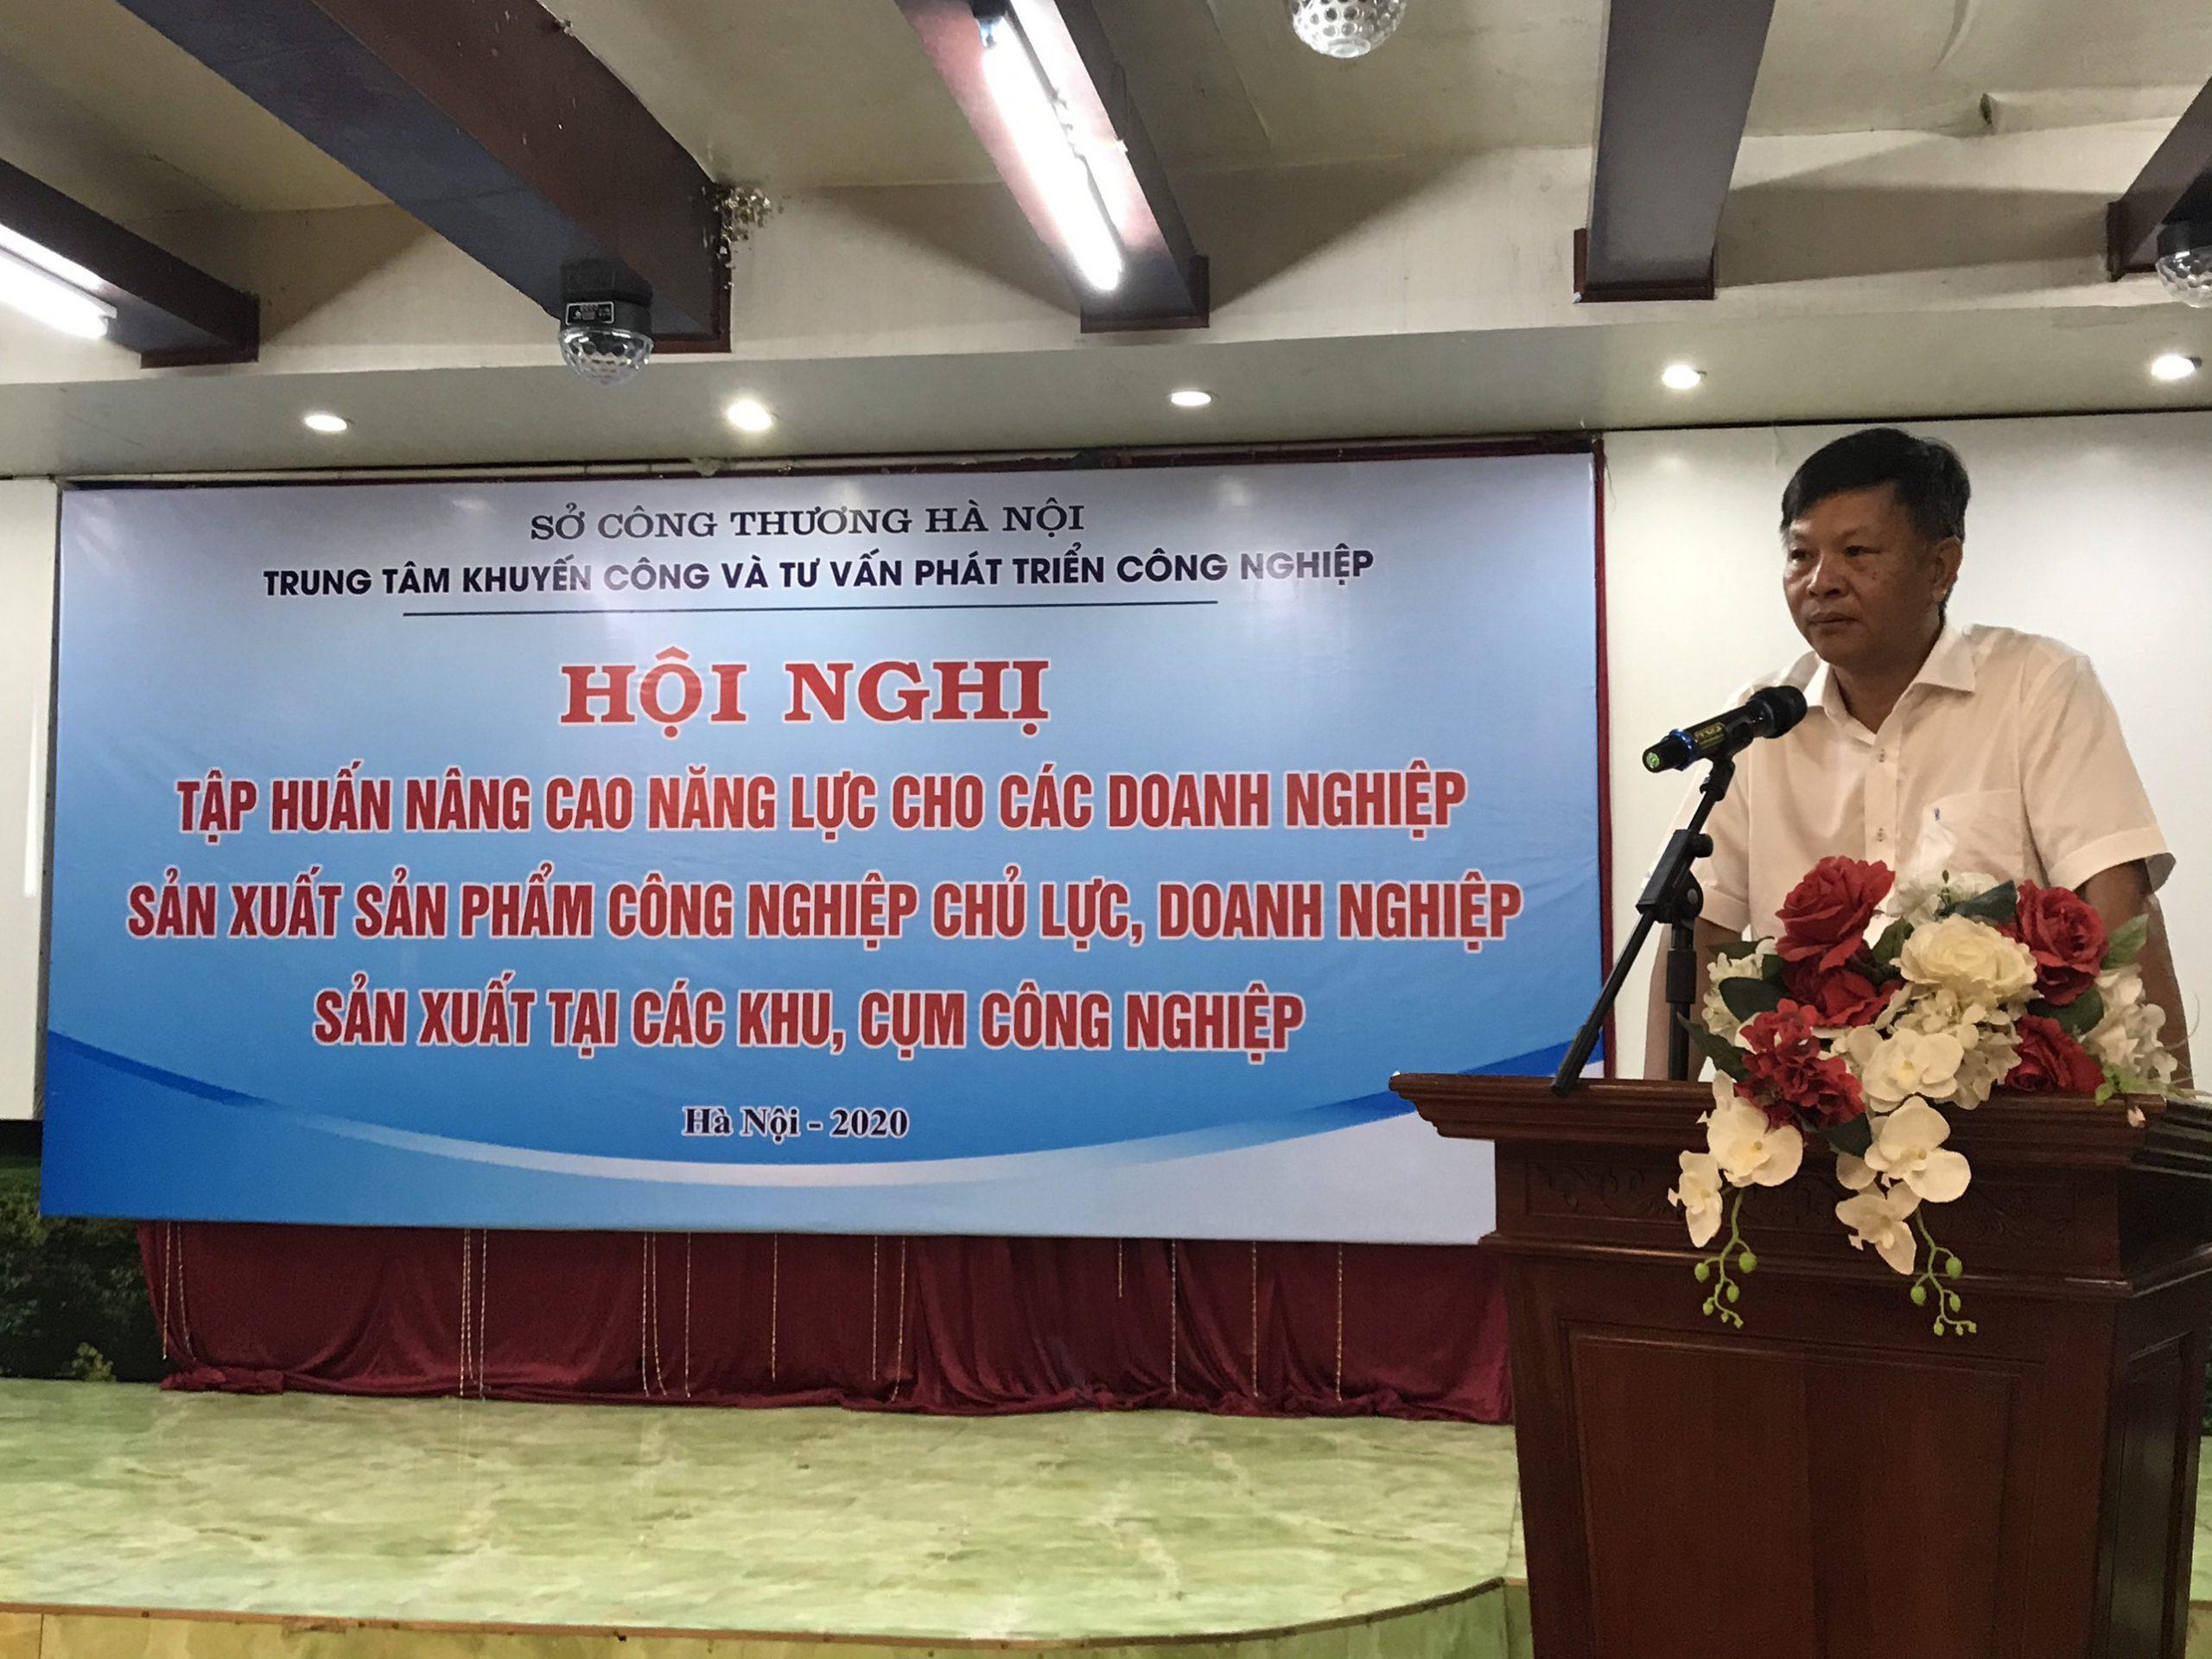 (Tiếng Việt) Tập huấn hỗ trợ, đào tạo nâng cao năng lực cho các doanh nghiệp sản xuất SPCNCL thành phố Hà Nội năm 2020